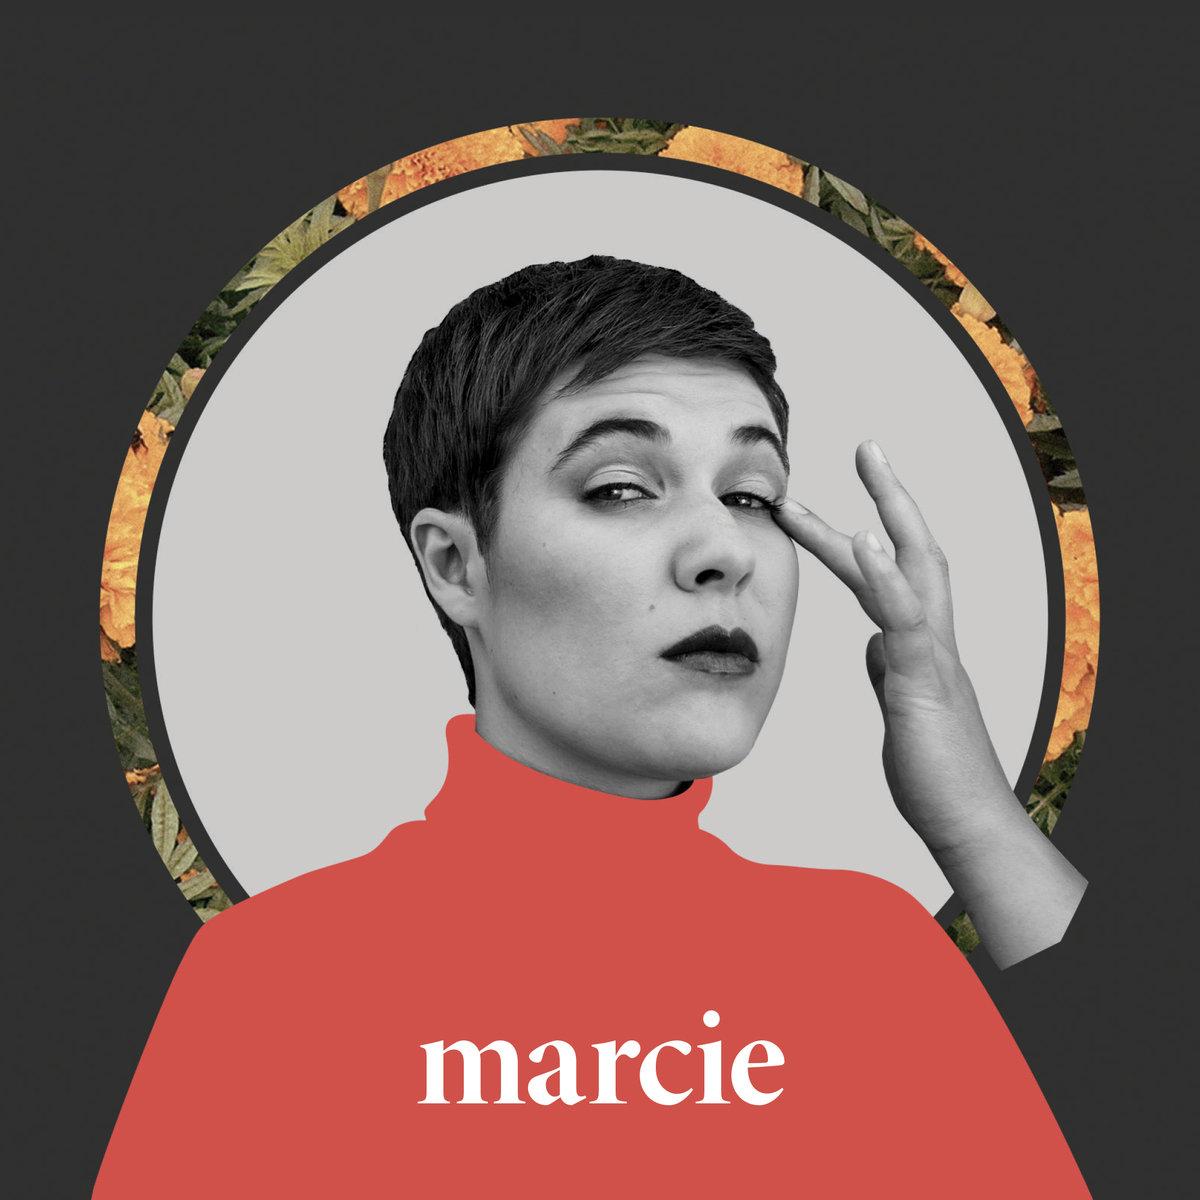 Caption: By Courtesy of Marcie, Credit: Daniel Robillard & Marin Blanc